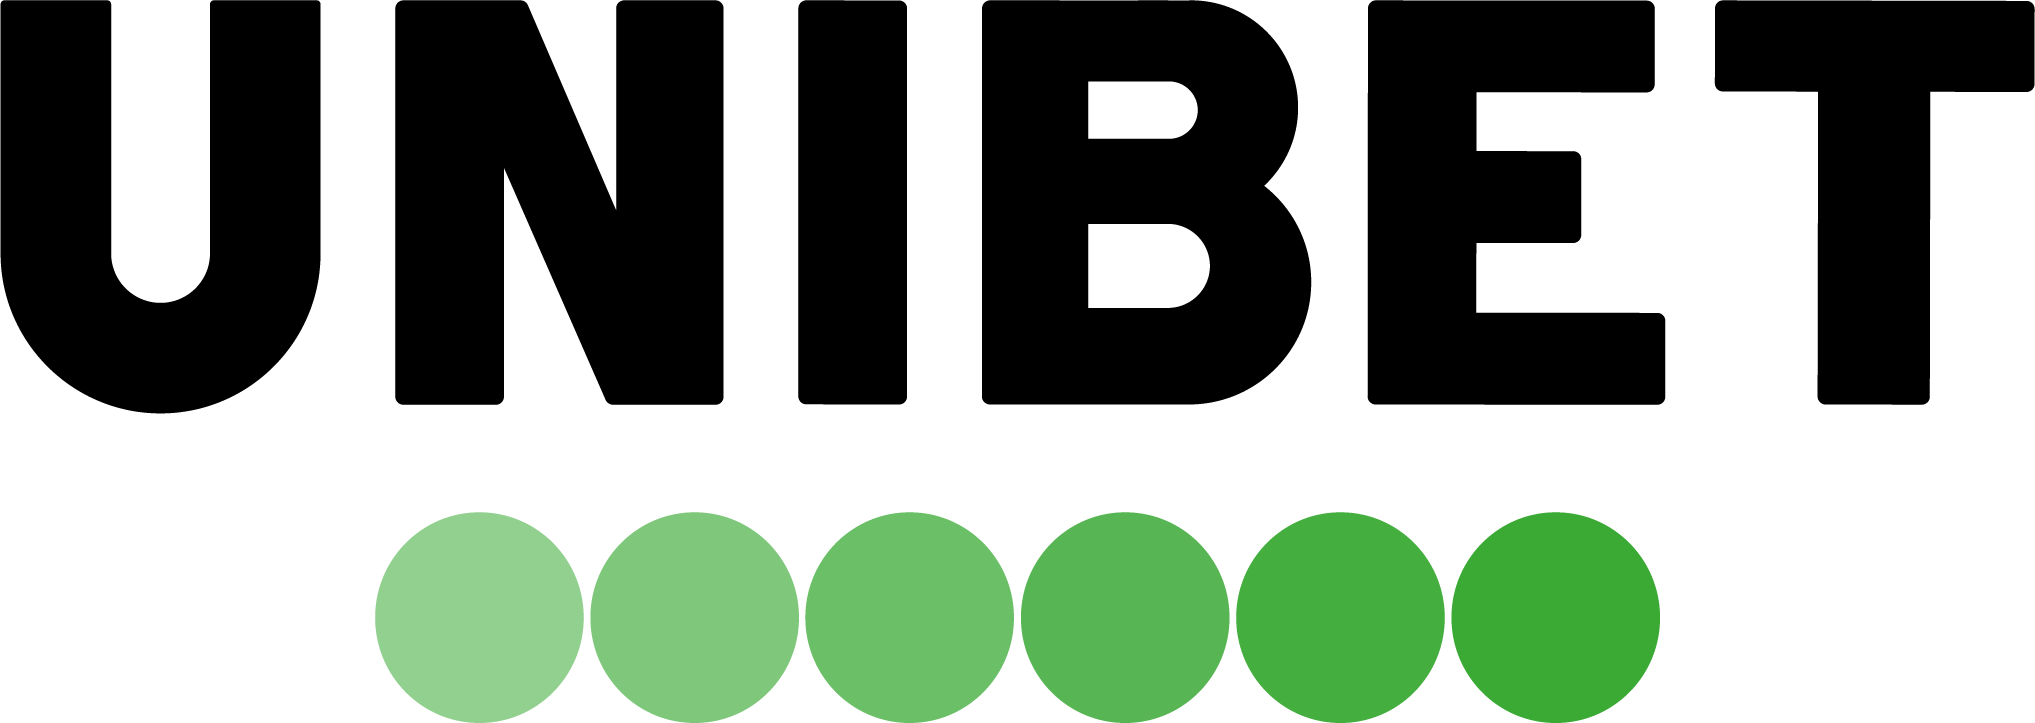 1xbet Alternatív Link – Regisztráció & Promóciós Bónusz Kód